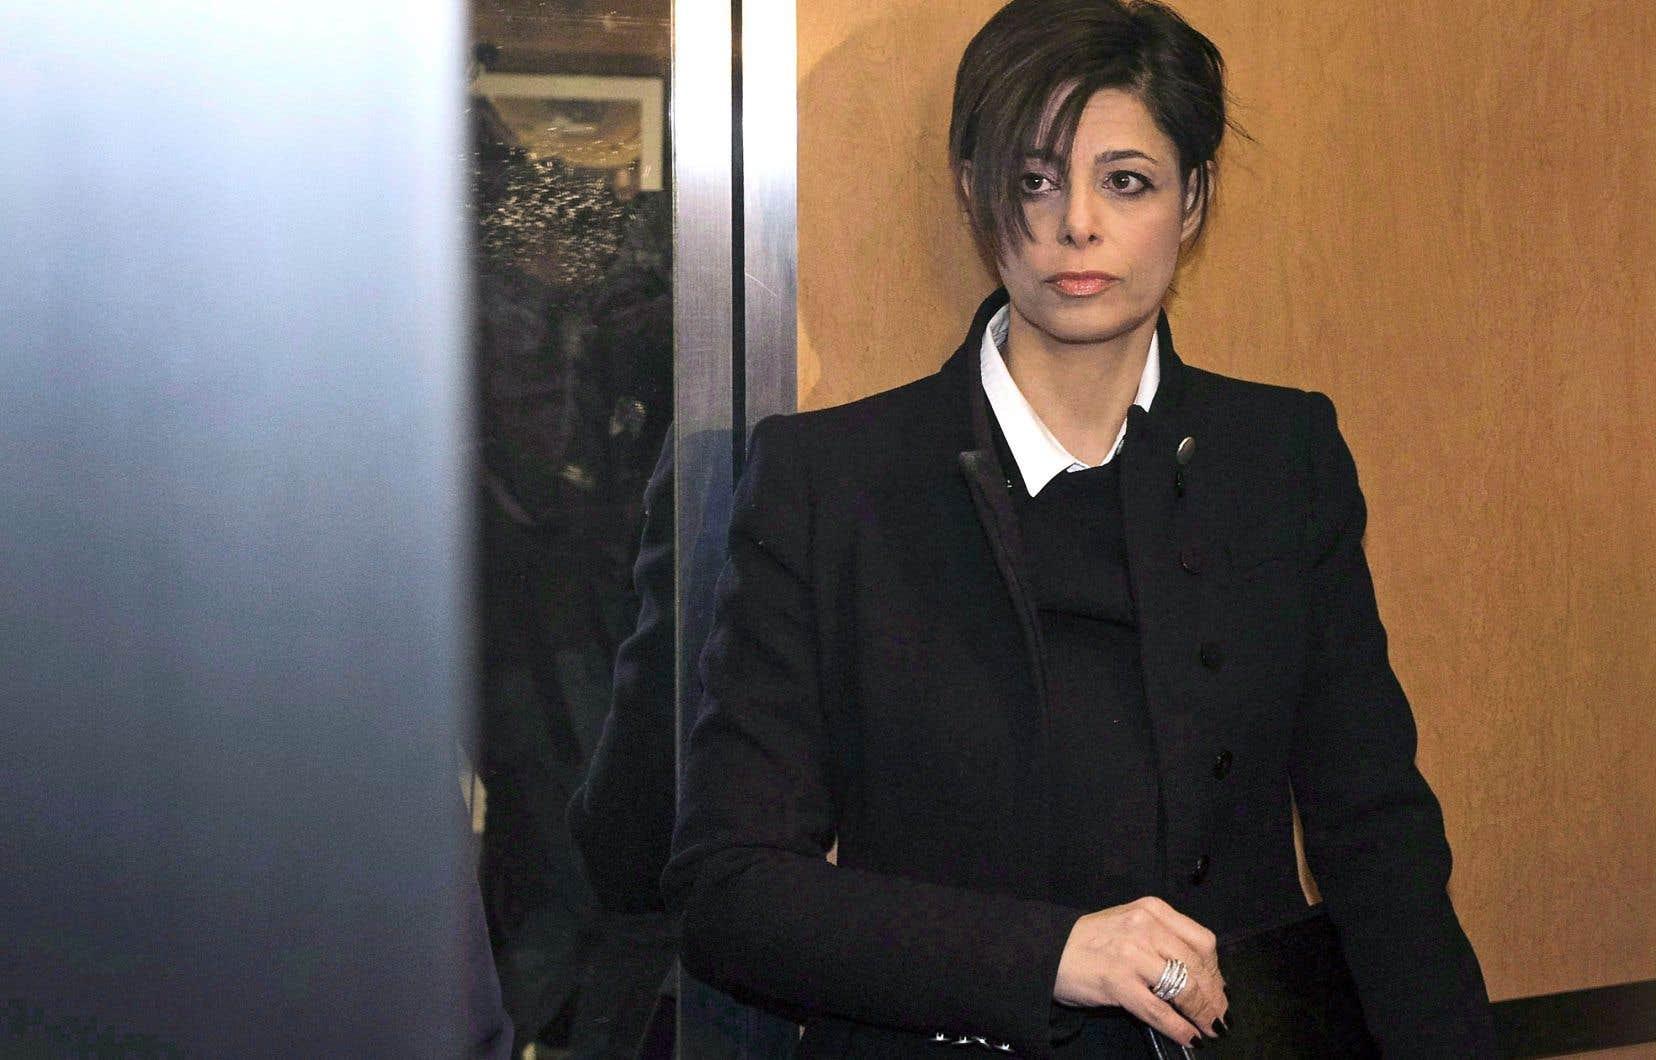 S'interroger sur le système de justice est nécessaire et souhaitable, selon Marie Henein, connue du grand public pour avoir été l'avocate de Jian Ghomeshi.